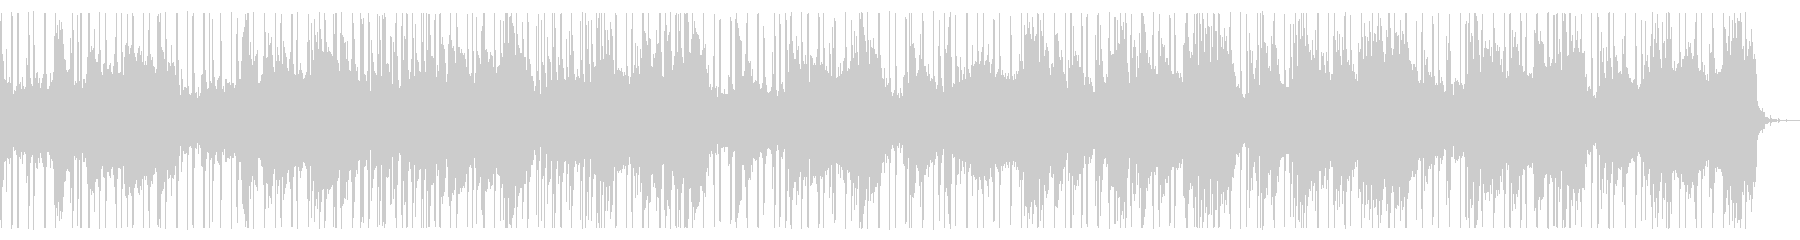 大人なR&B_No638_1の未再生の波形